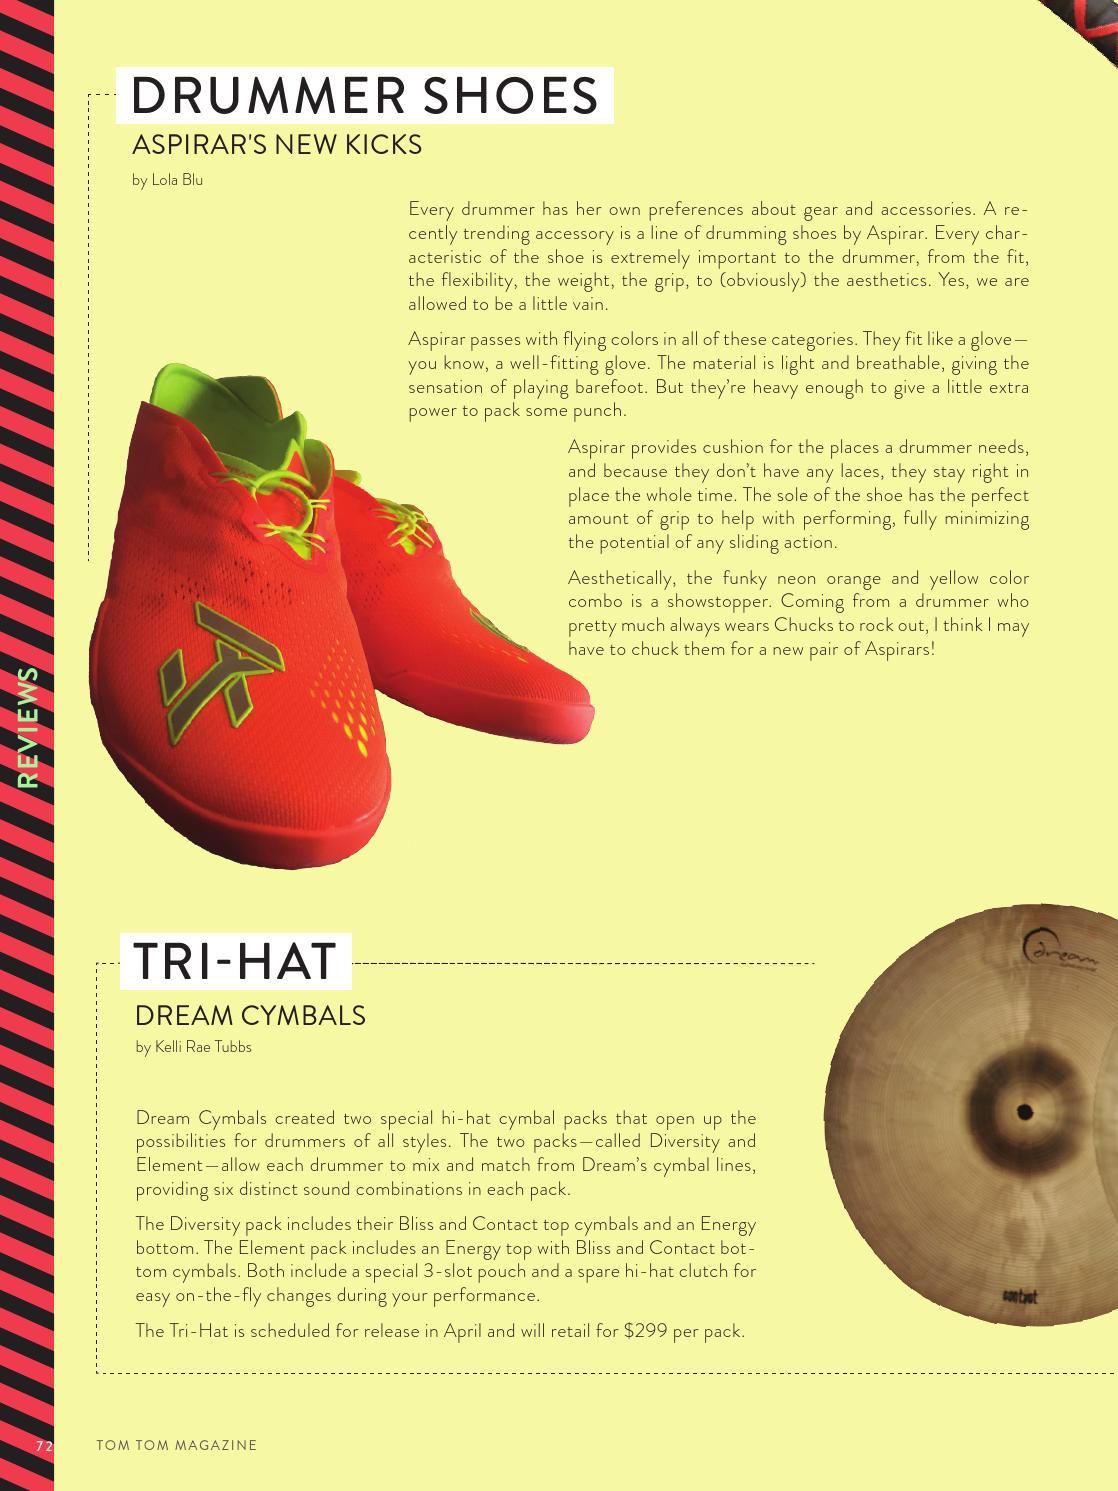 tom tom magazine issue 25 health by tom tom magazine issuu